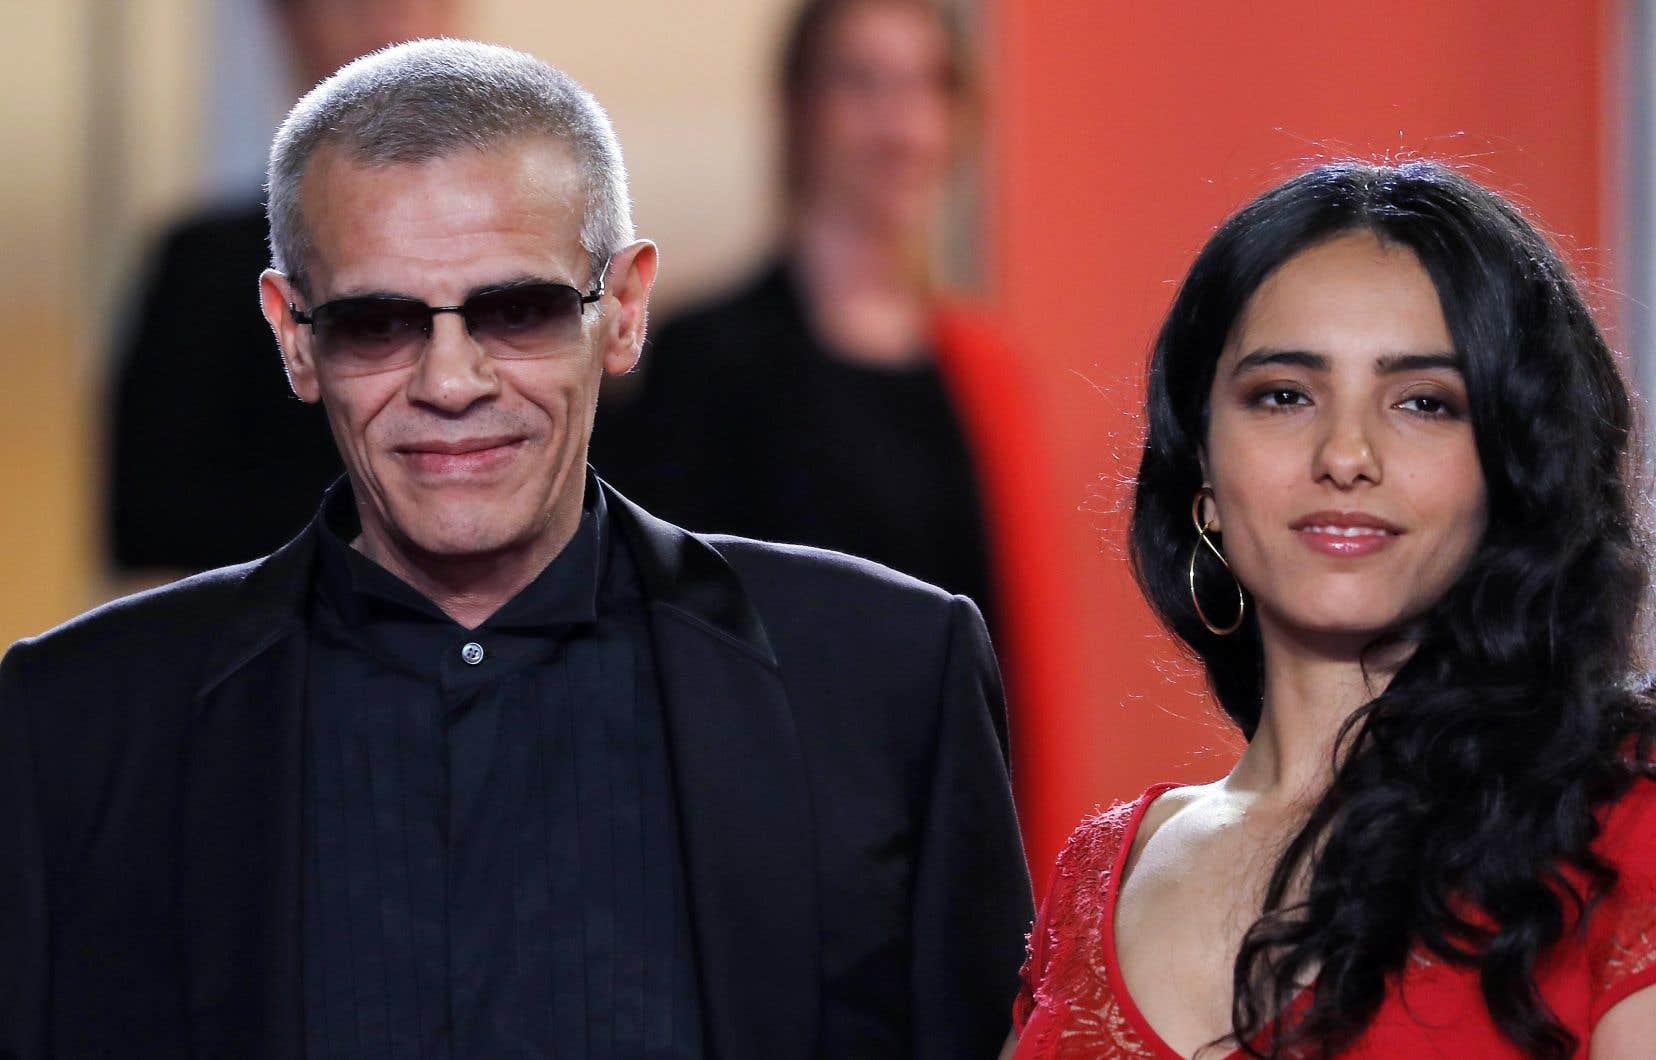 Le cinéaste Abdellatif Kechiche et l'actrice Hafsia Herzi à leur arrivée pour la projection du film Mektoub, «My Love: Intermezzo».